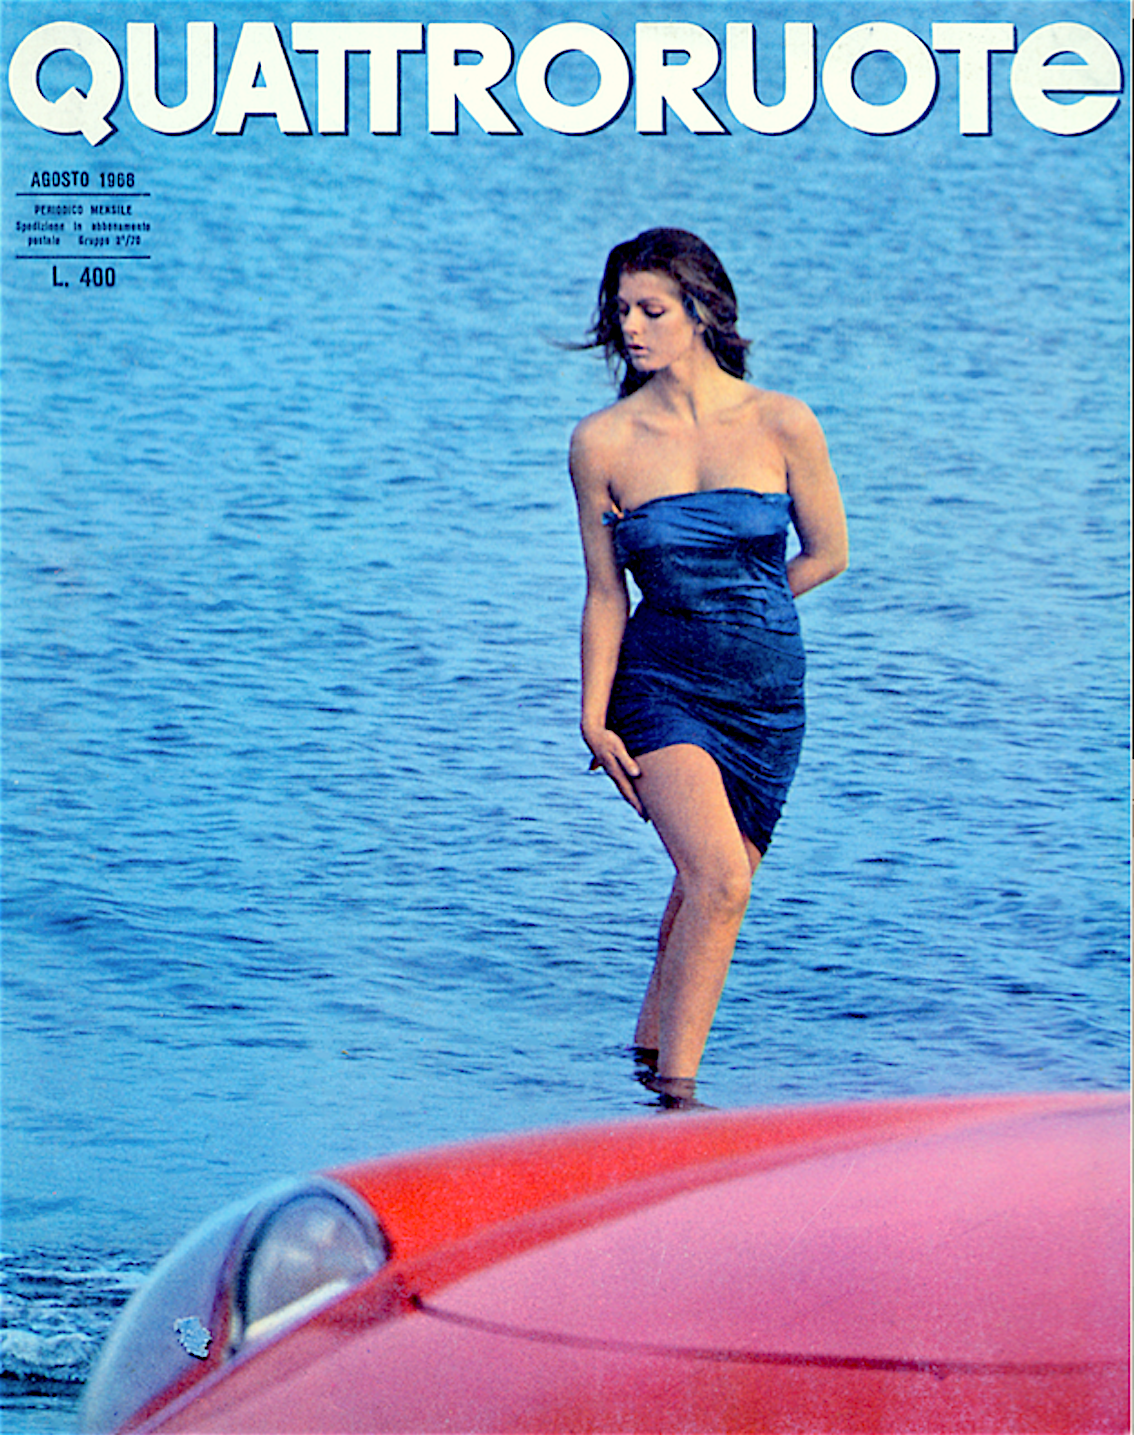 quattroruote 1968